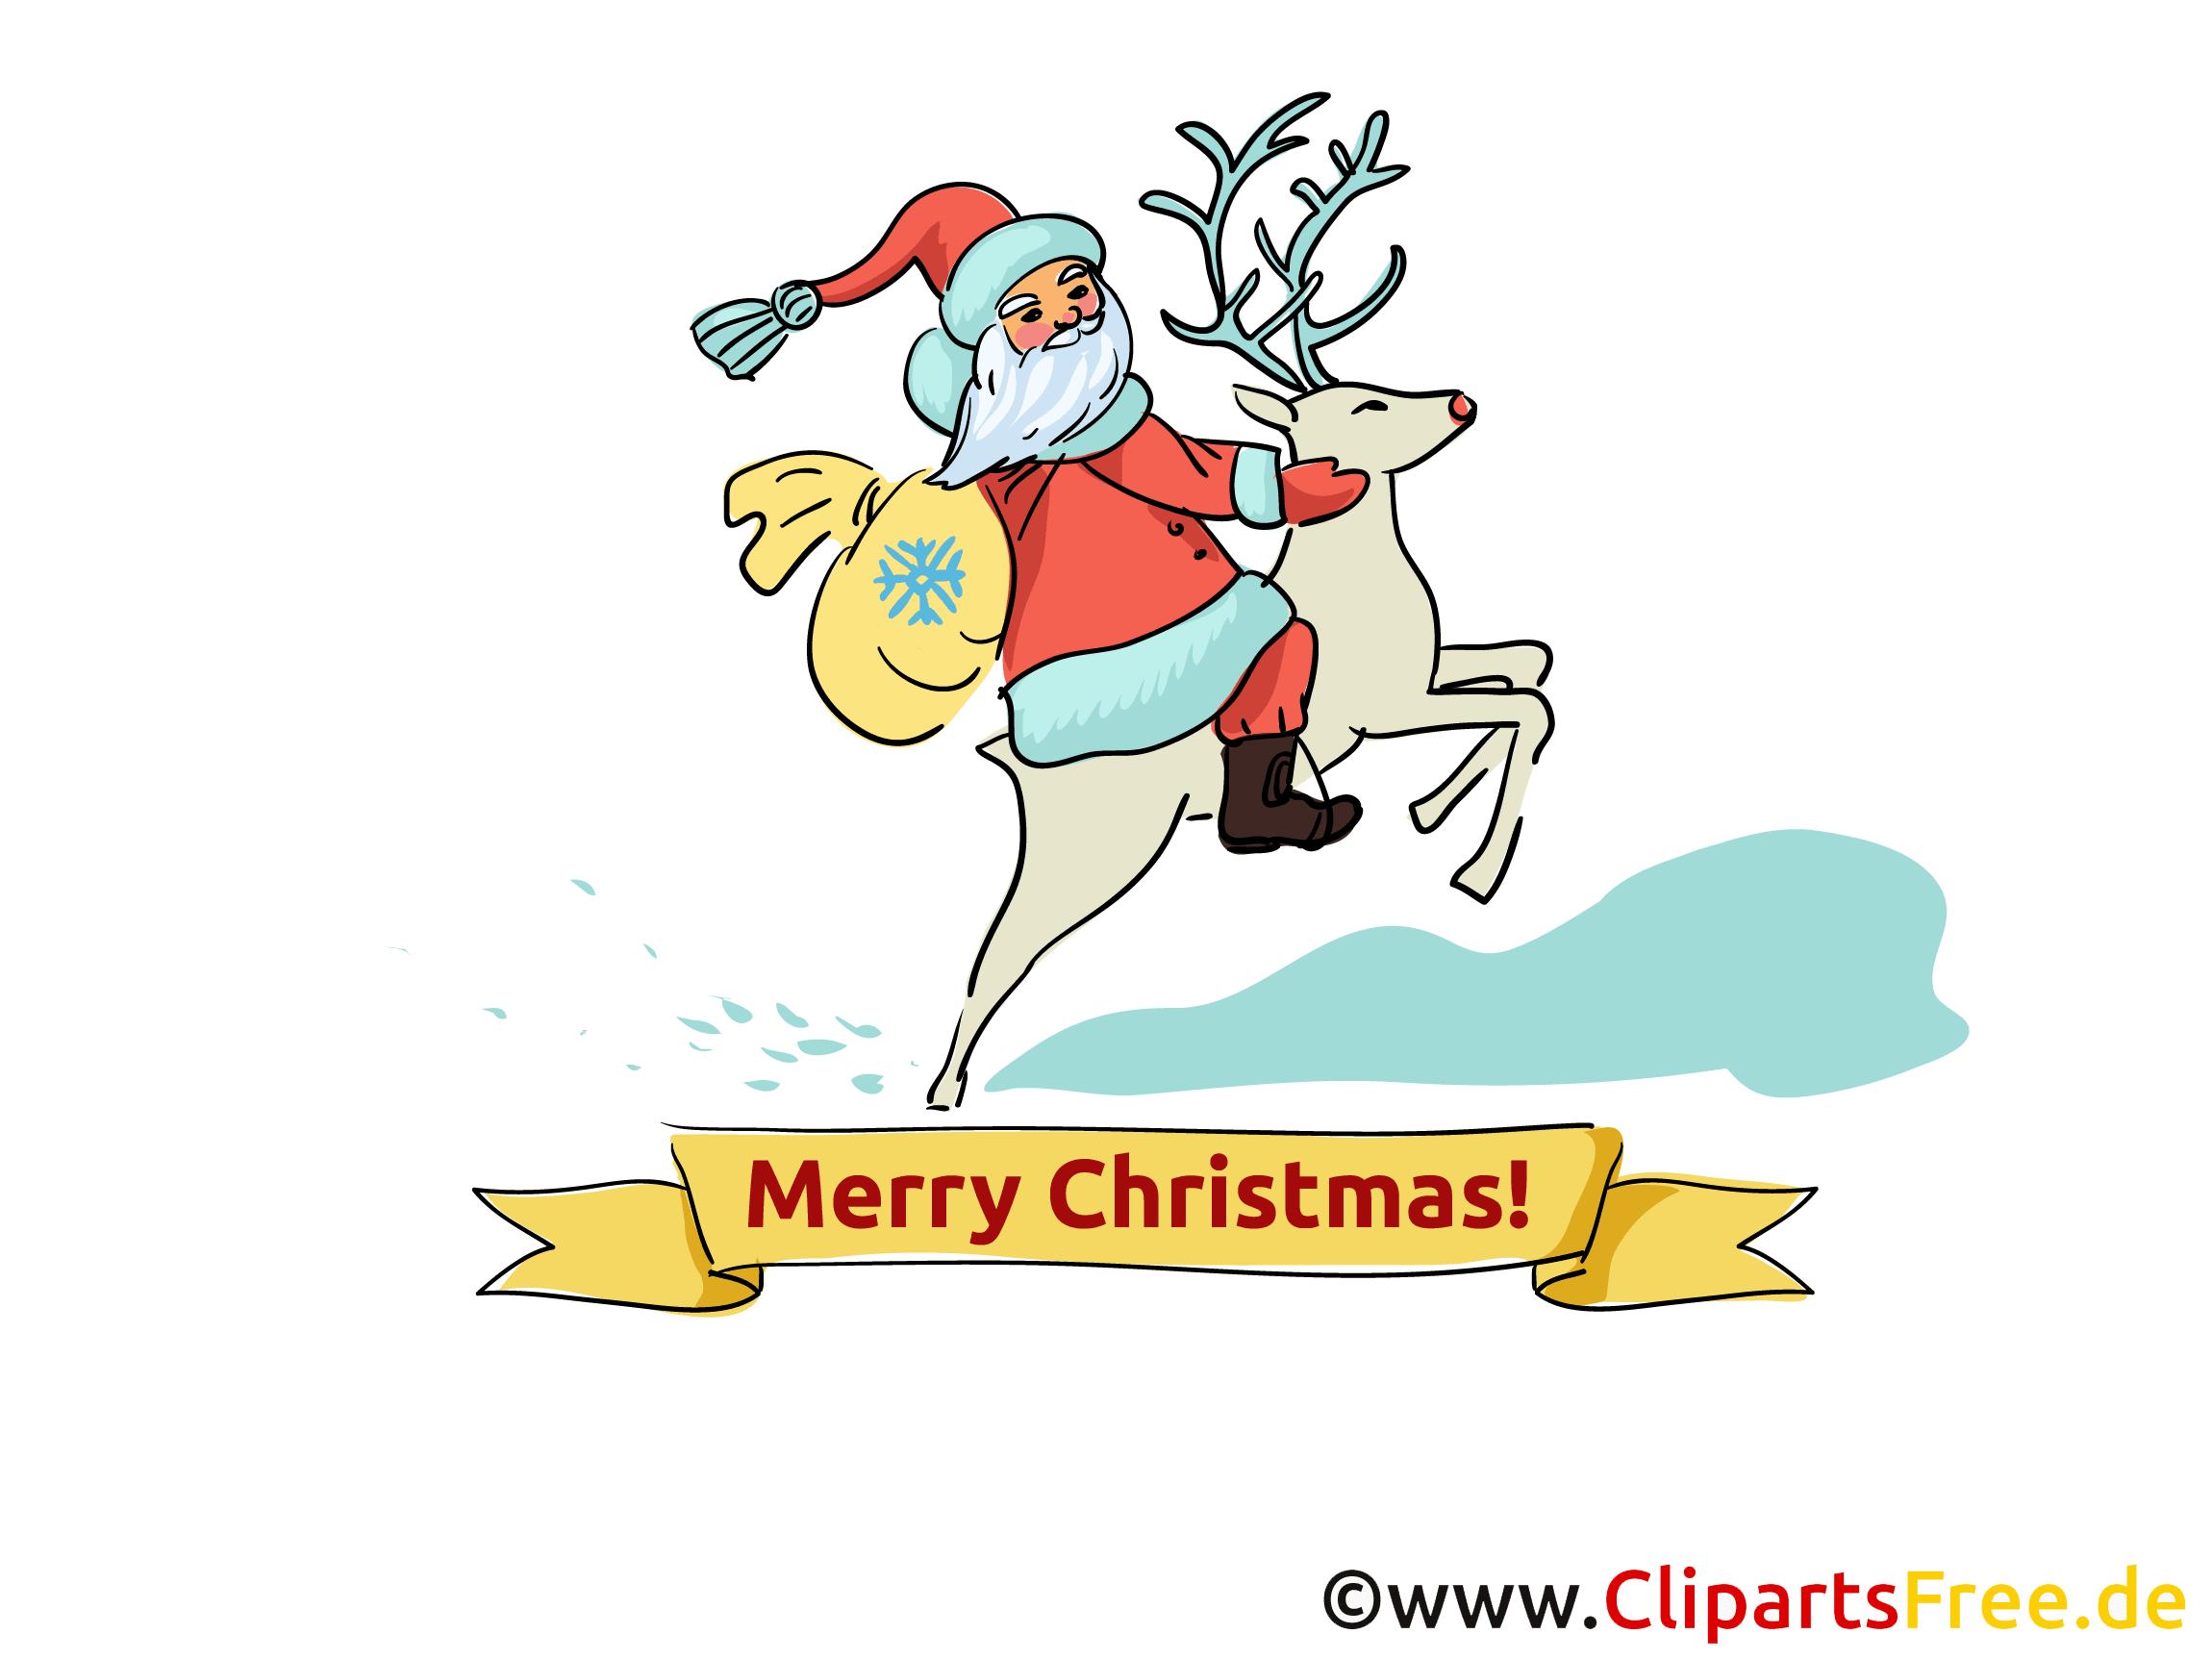 Lustige Weihnachtsgrüße Verschicken.Lustige Weihnachtsgrüße Online Per E Mail Verschicken Merry